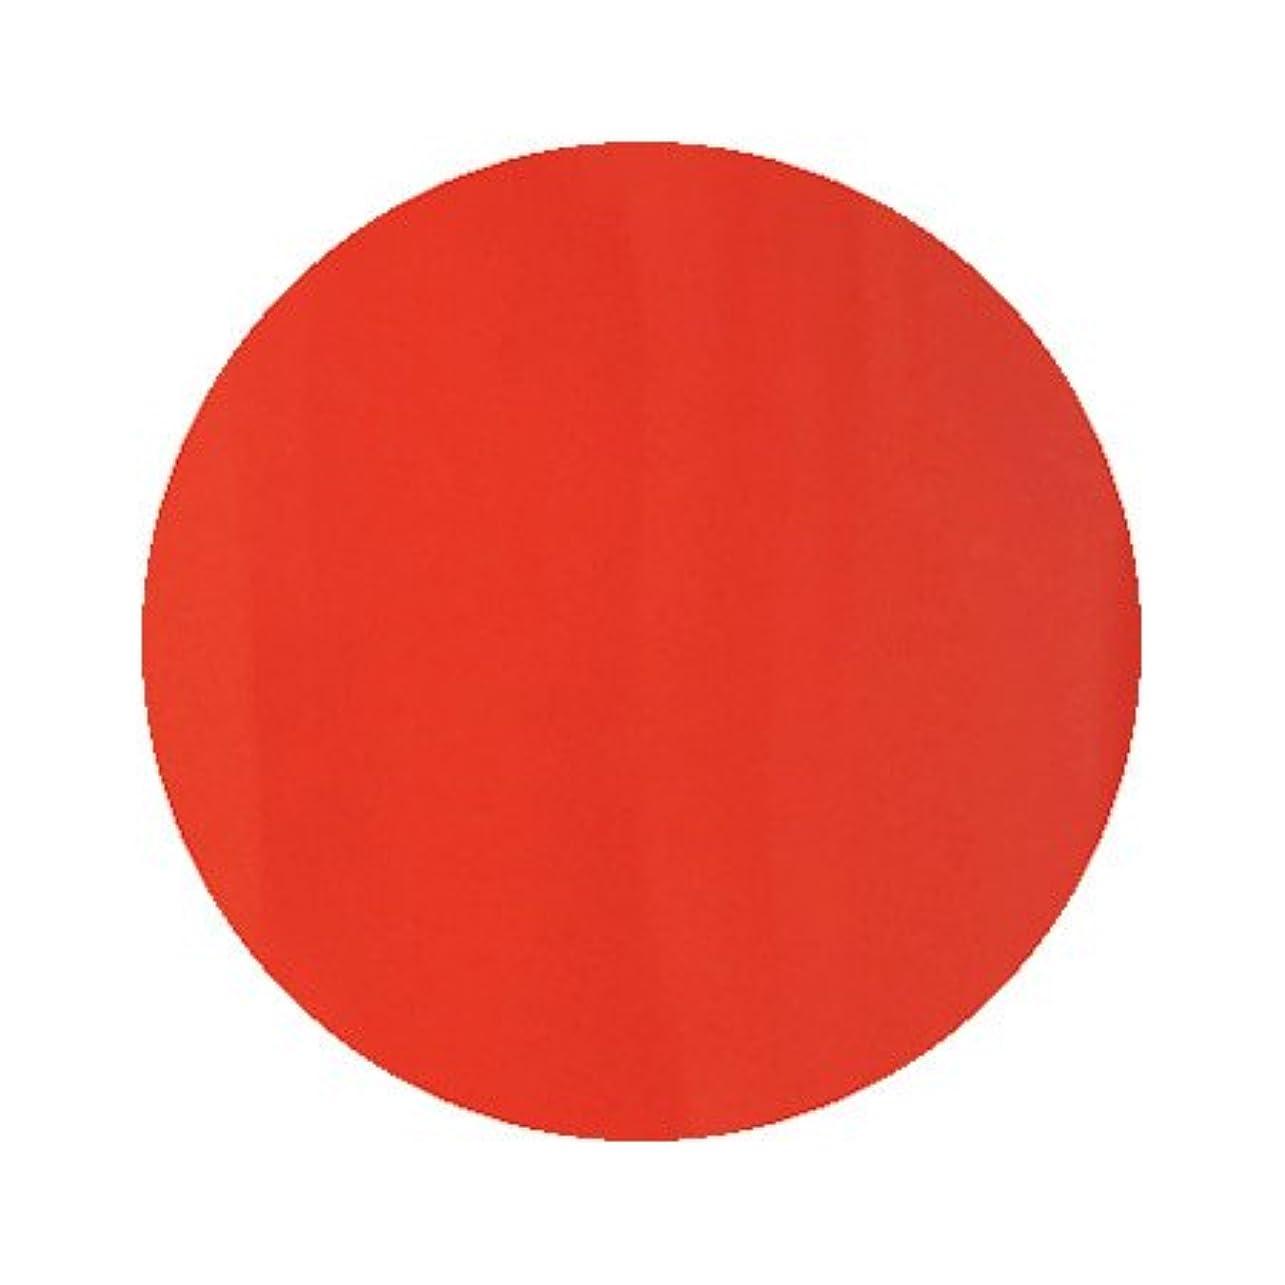 脱走三叱るパラポリッシュ ハイブリッドカラージェル V3 ブラッドオレンジ 7g